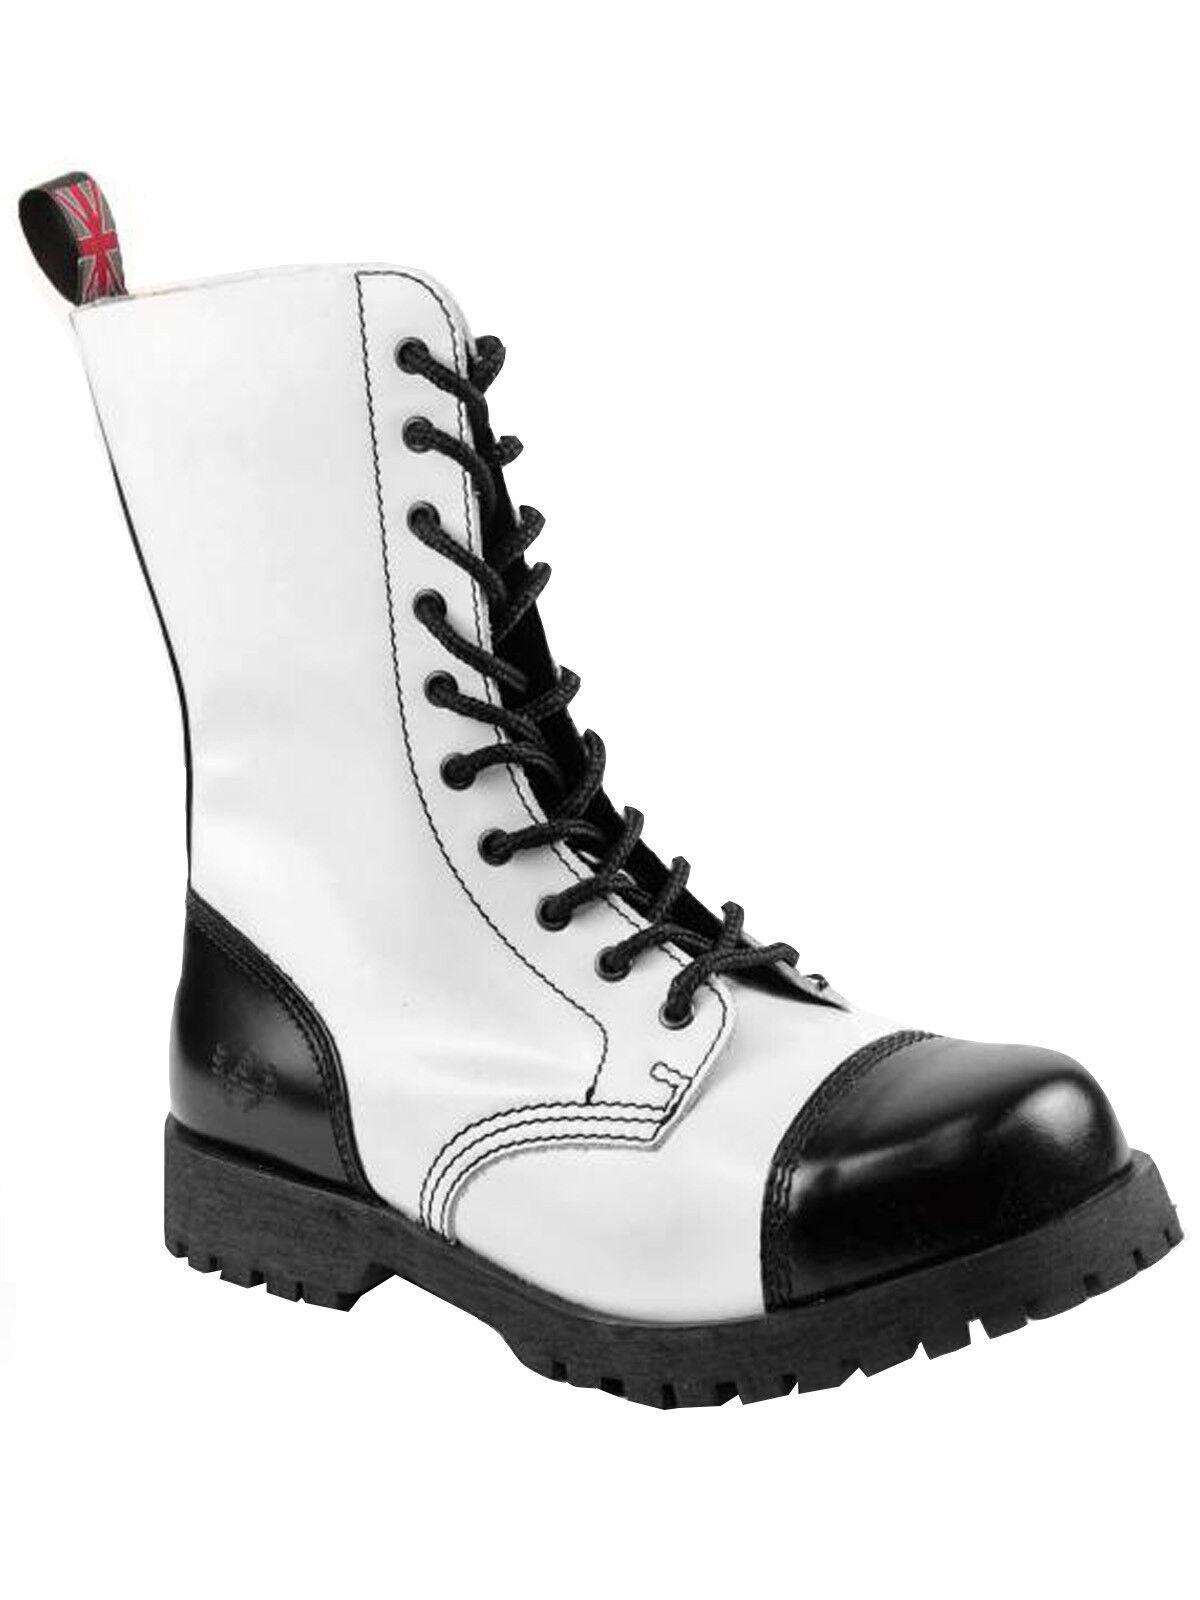 Alpha Ranger Springerstiefel 10-Loch Boot / Rangers Stiefel Schwarz / Weiß #5013